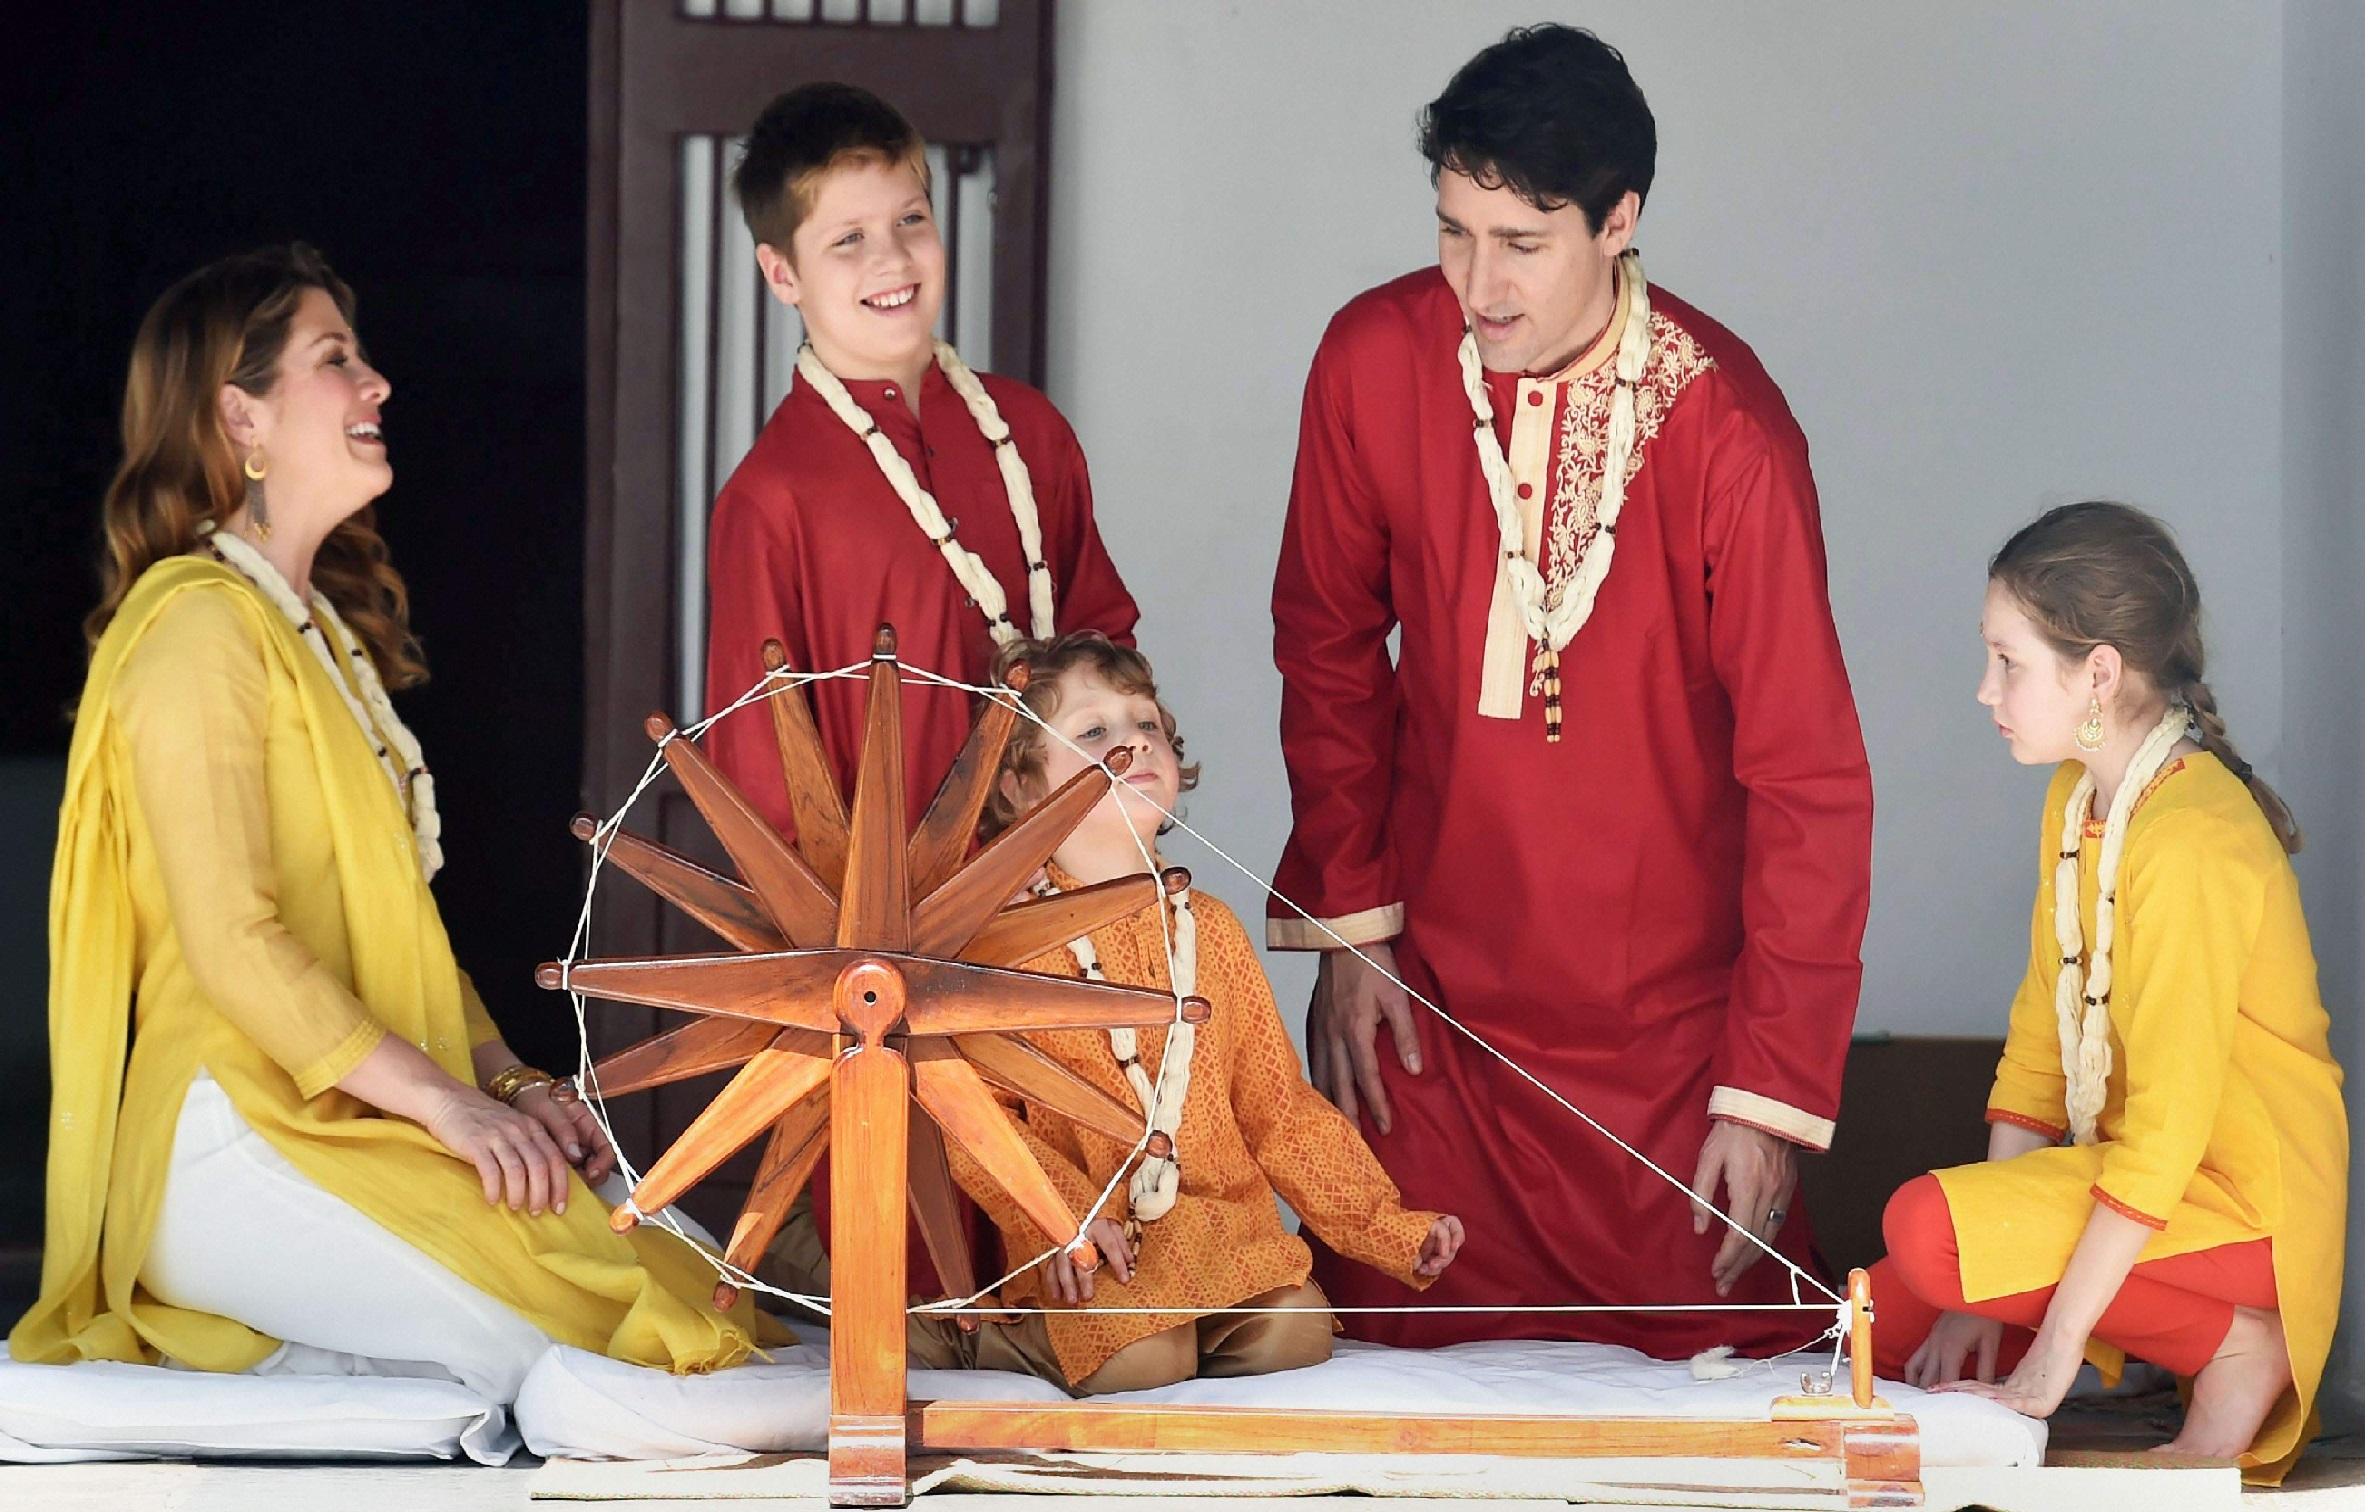 کینیڈین وزیر اعظم کا اہل خانہ سمیت مہاتما گاندھی کے آشرم کا دورہ